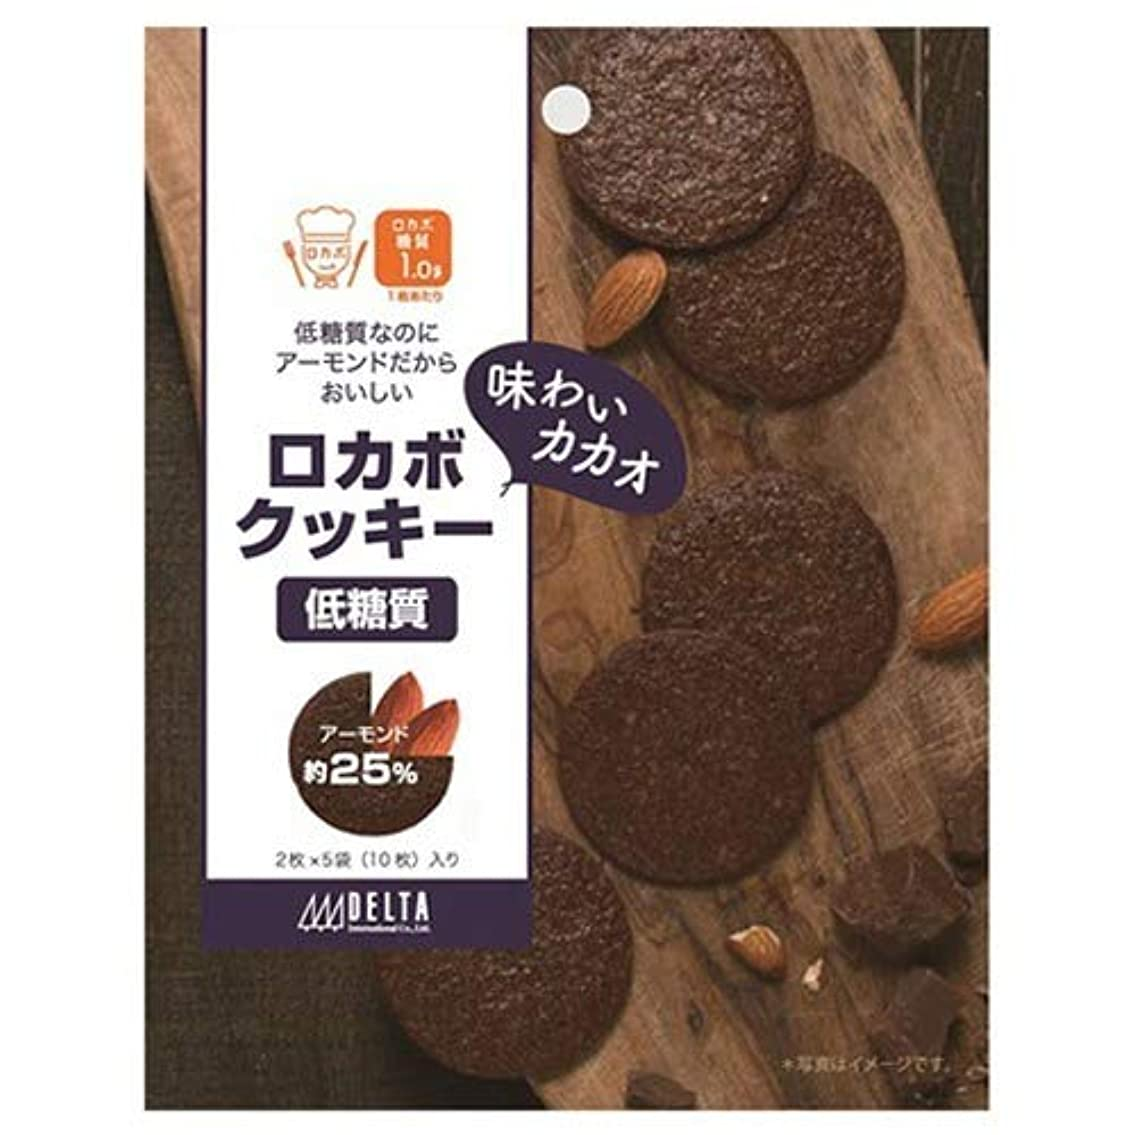 エトナ山好意的プレフィックスロカボクッキー味わいカカオ 10枚